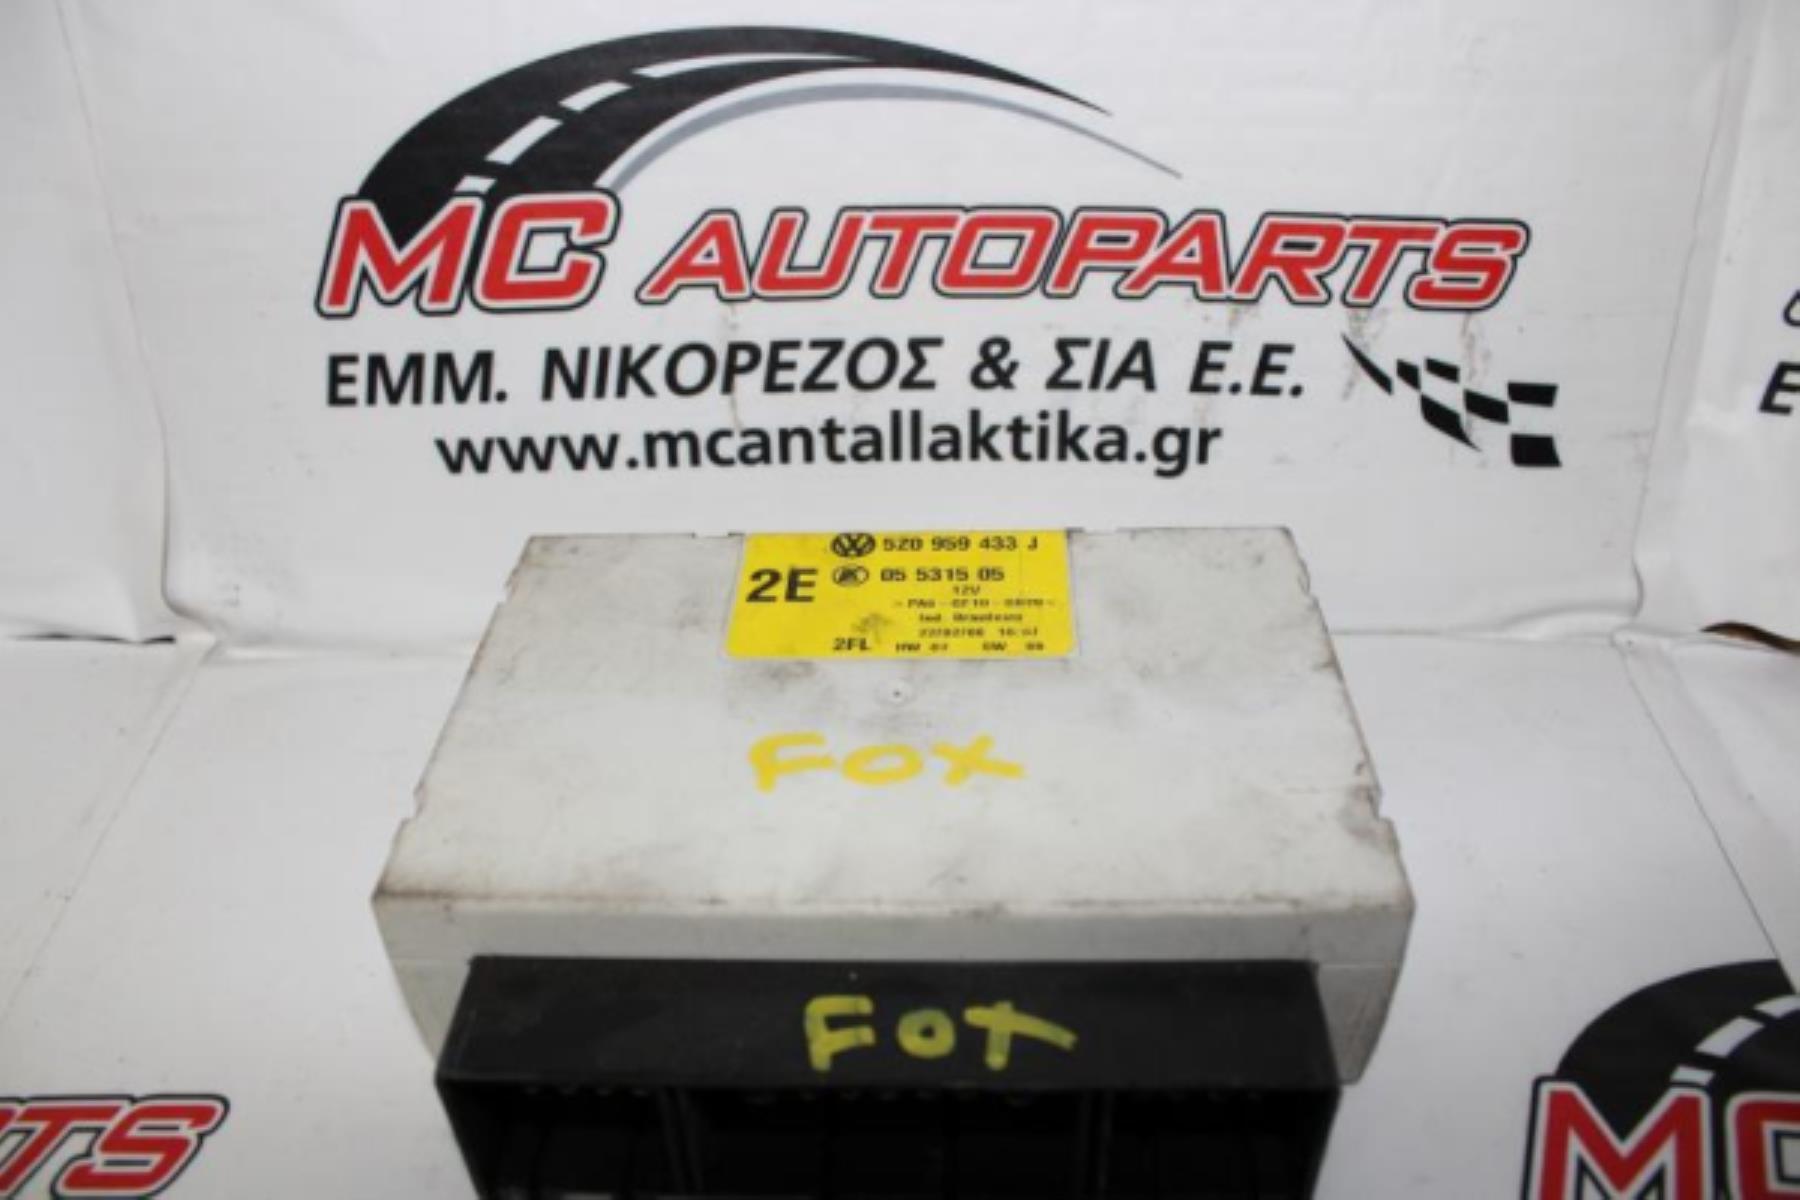 Εικόνα από Πλακέτα  VW FOX (2005-2011)  5Z0959433J   κεντρικού κλειδώματος